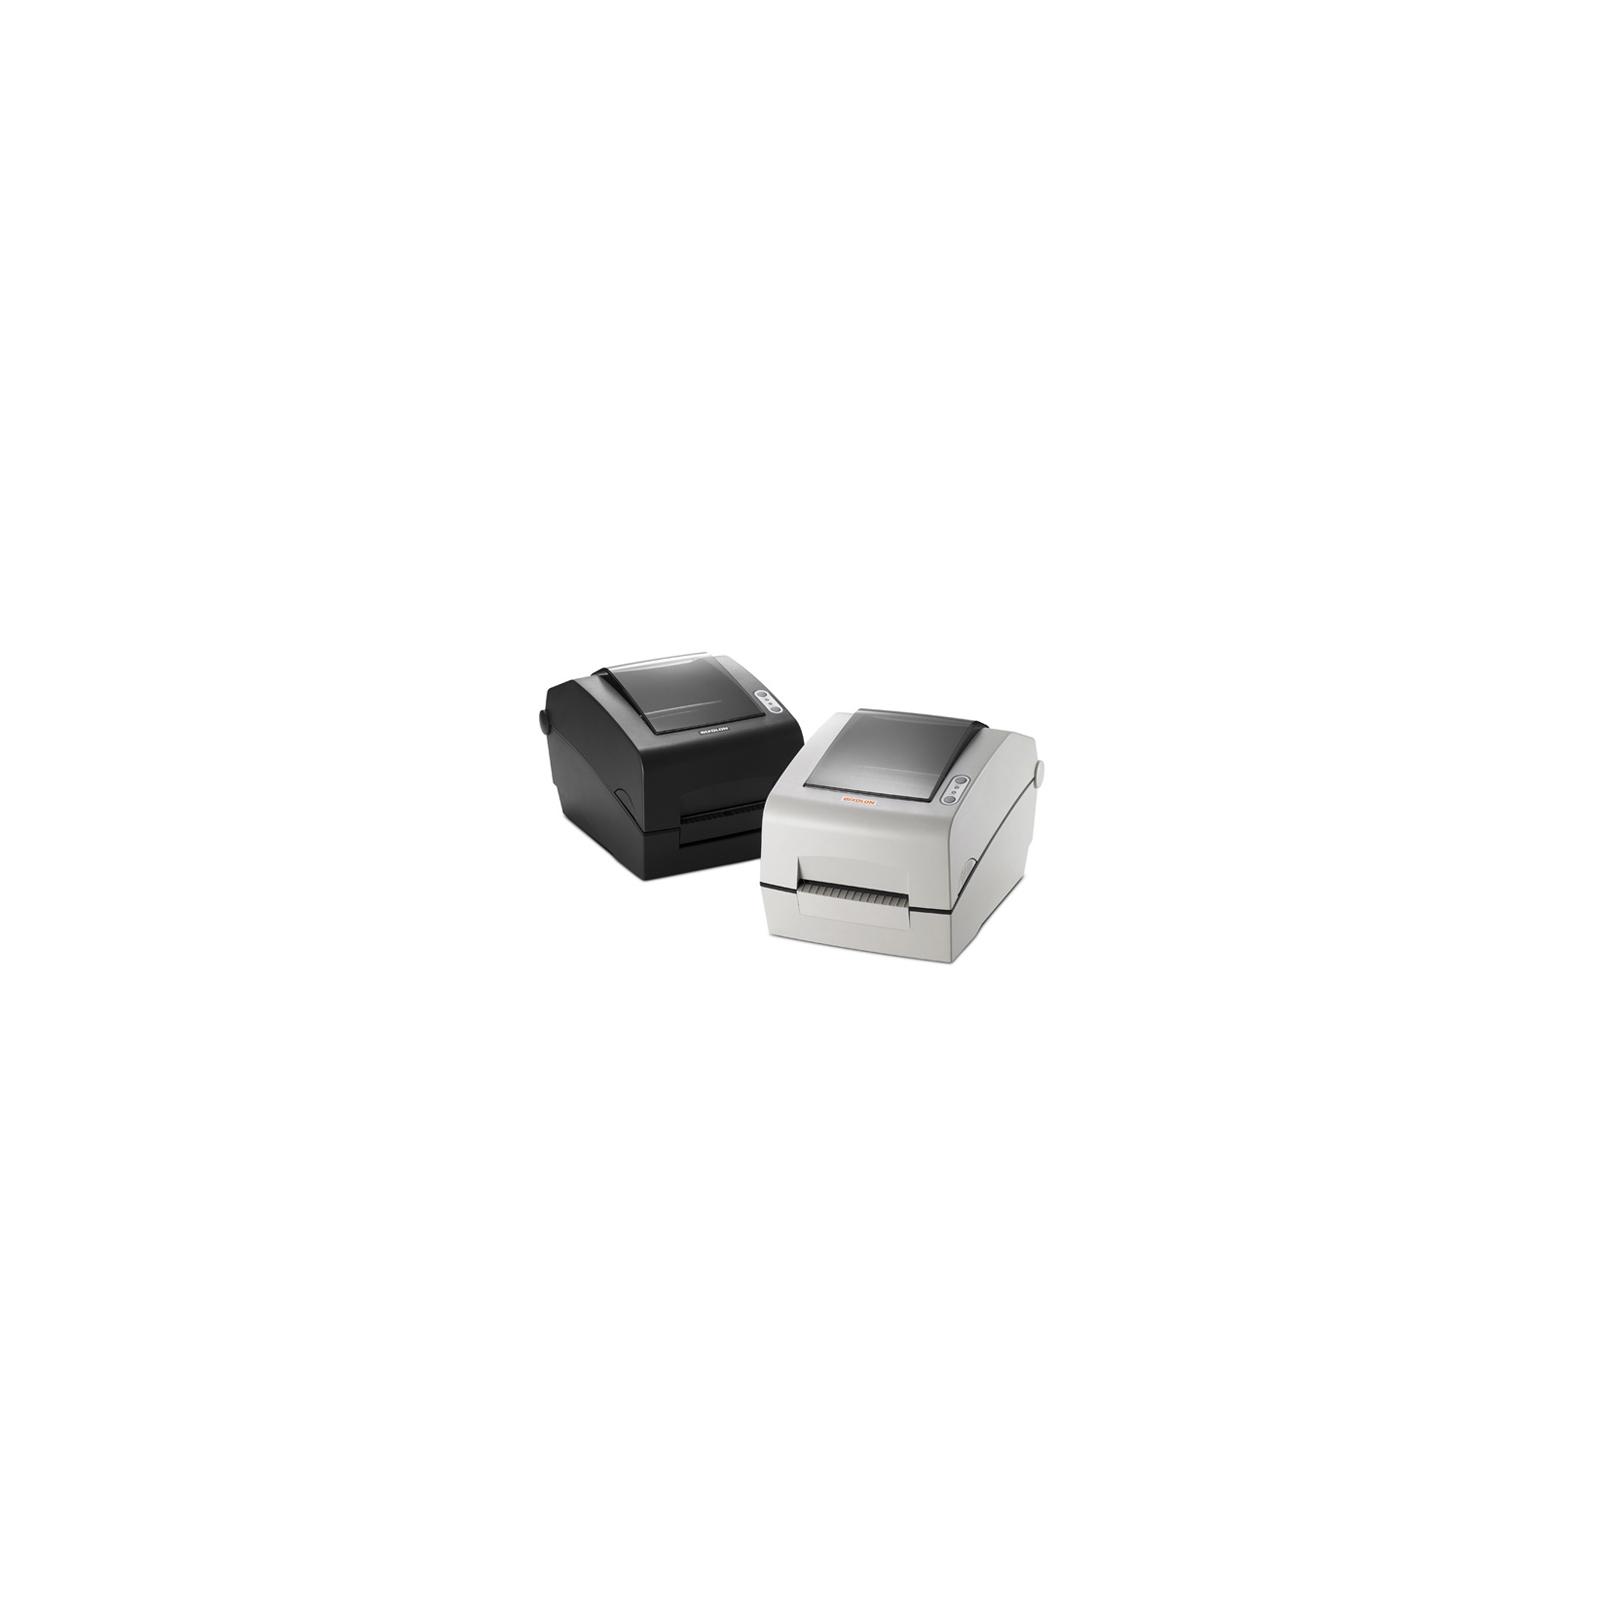 Принтер этикеток Bixolon SLP-T400 изображение 2